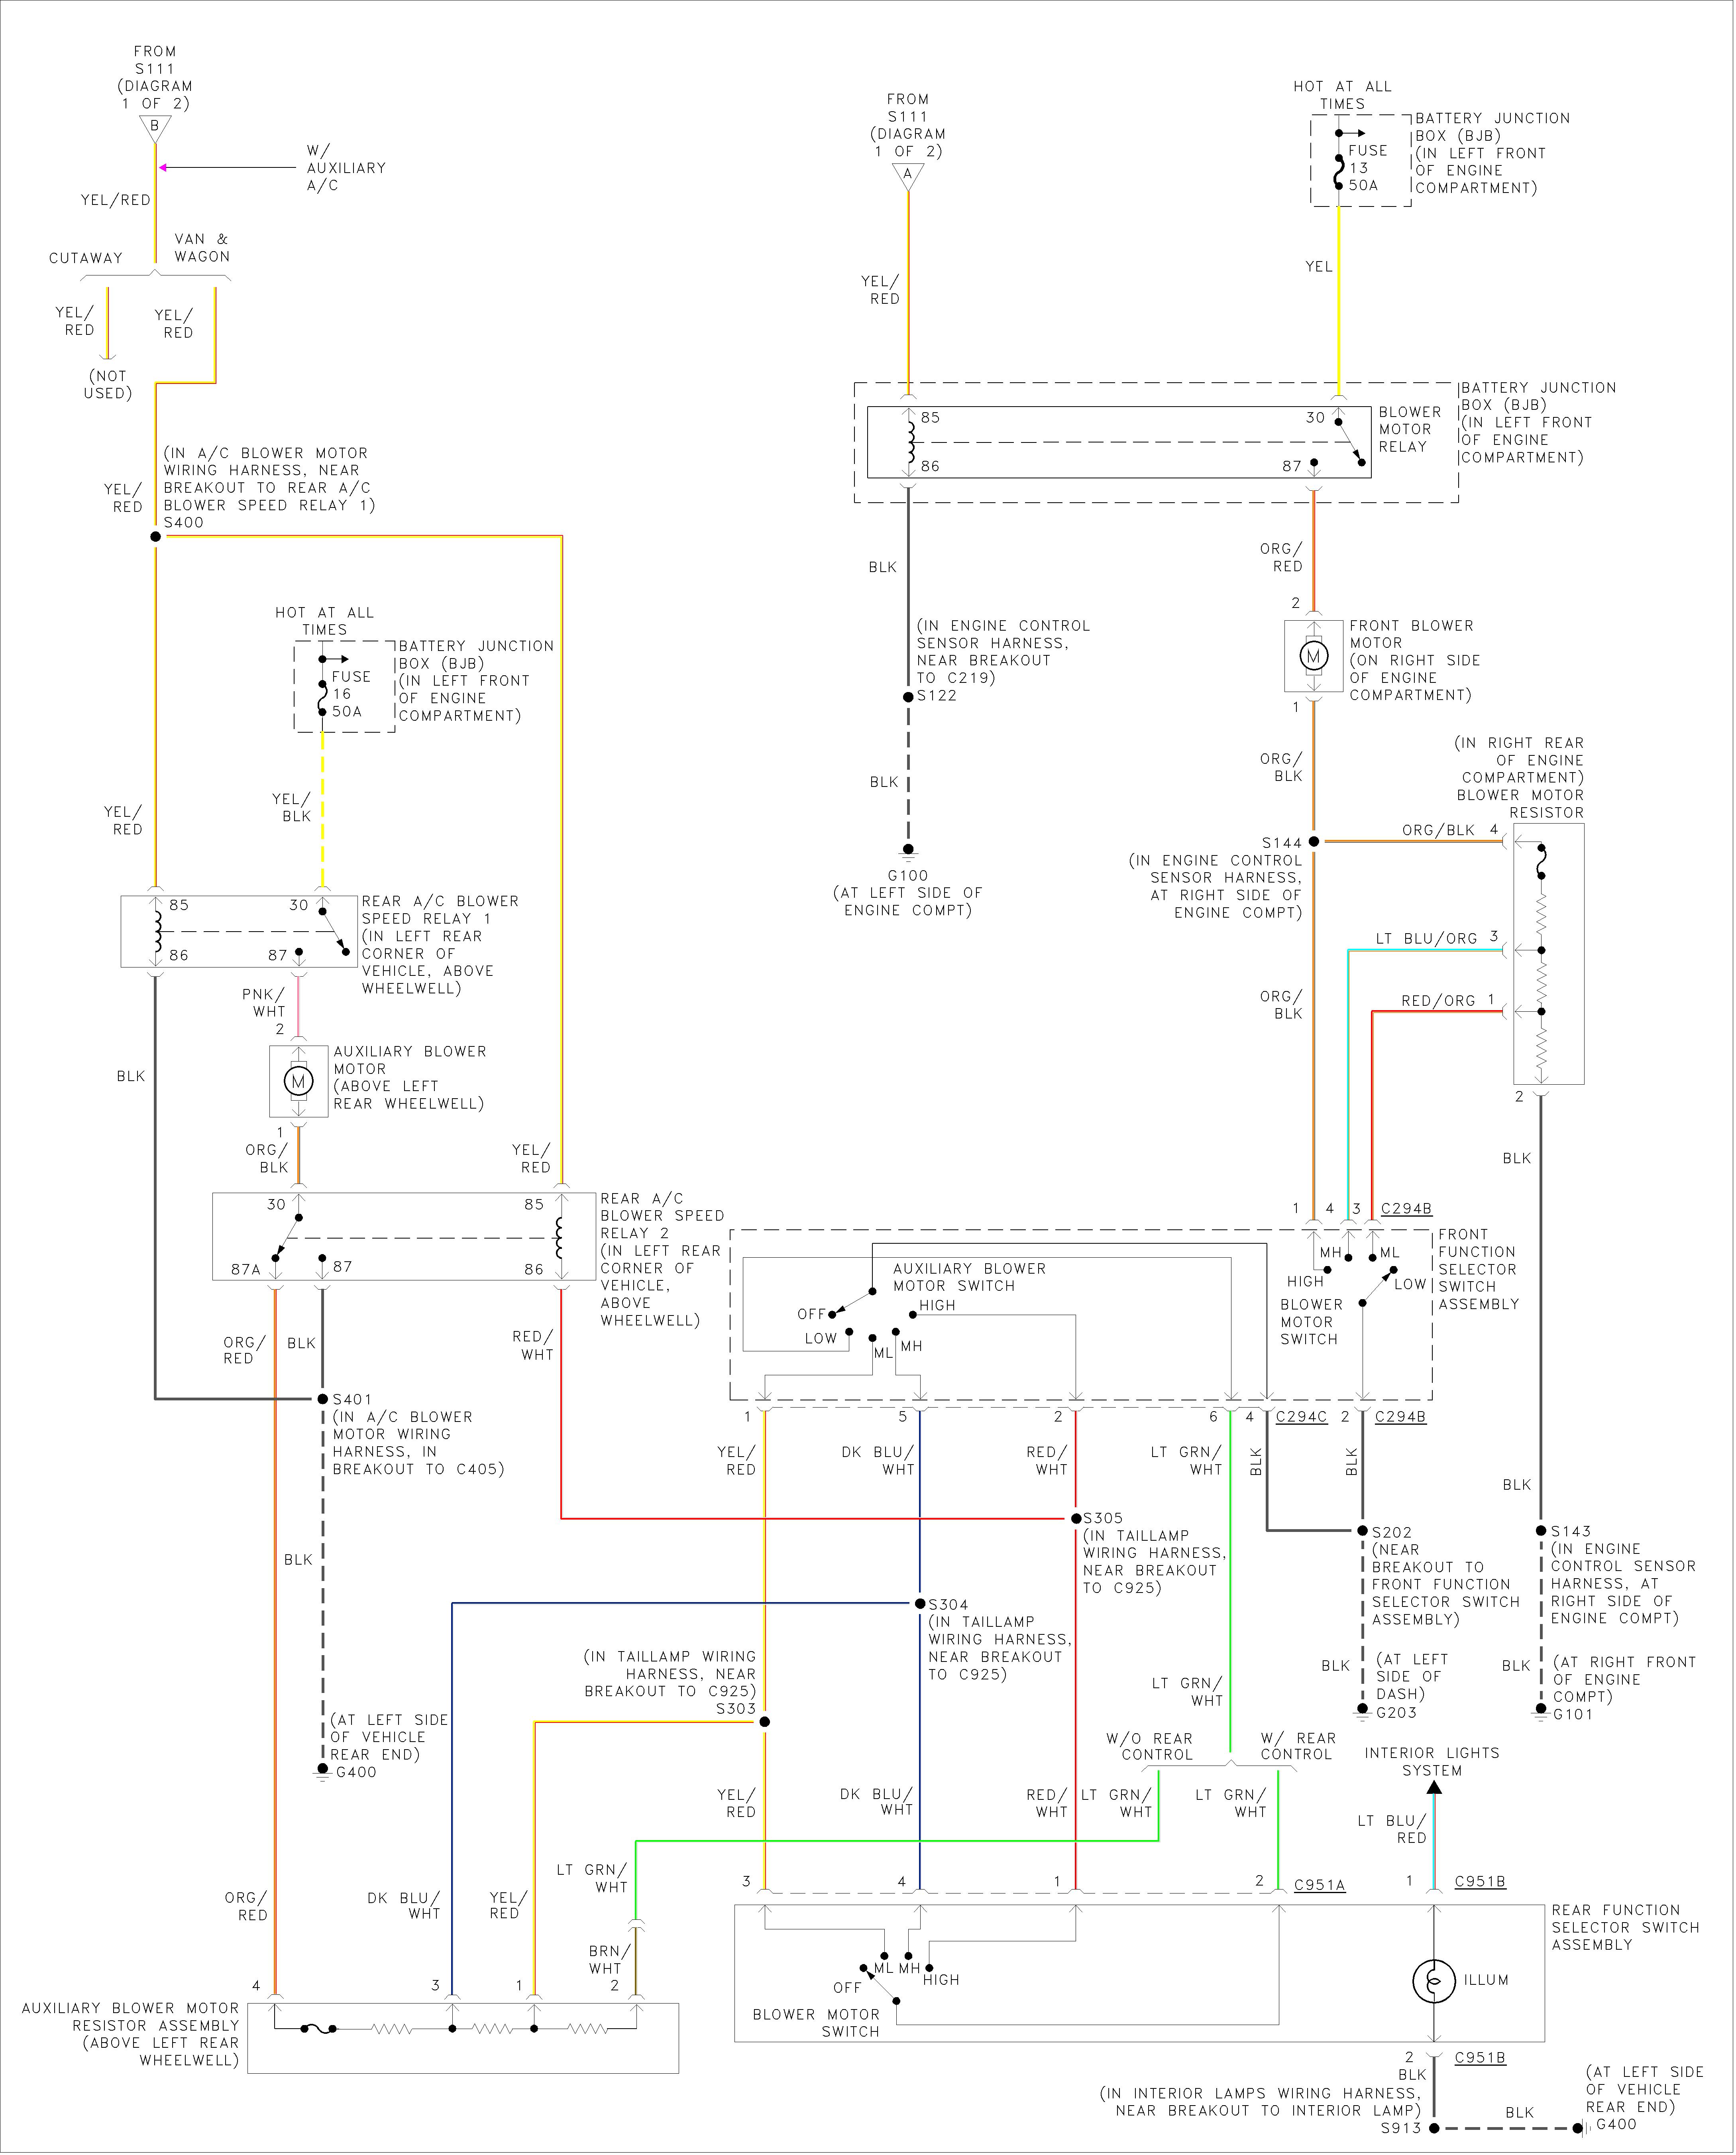 1d518eec-11ac-44fb-bfe7-78f7f683ce90_e450.png